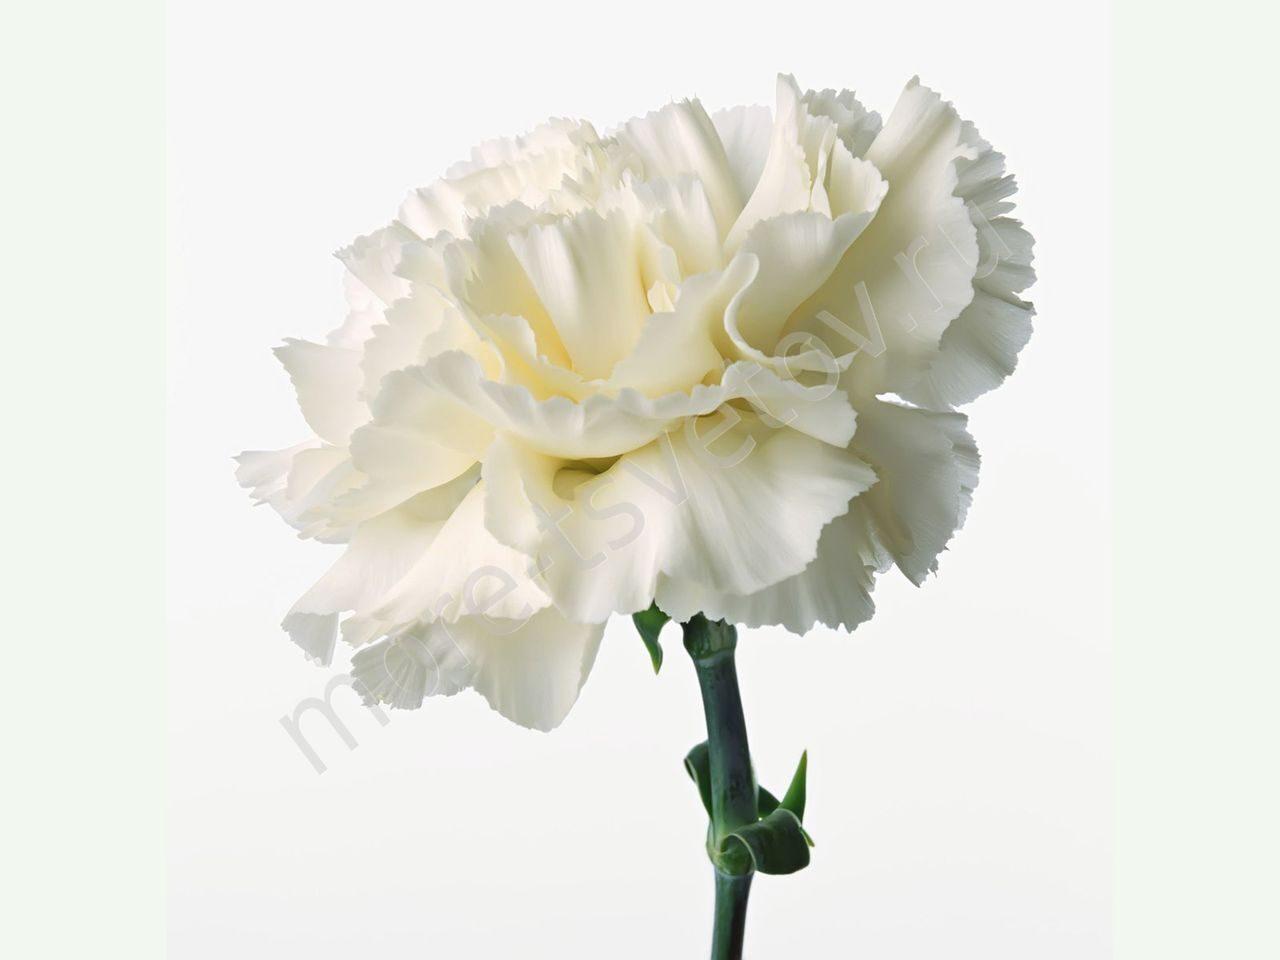 Заказать цветы с доставкой в москве дешево гвоздики